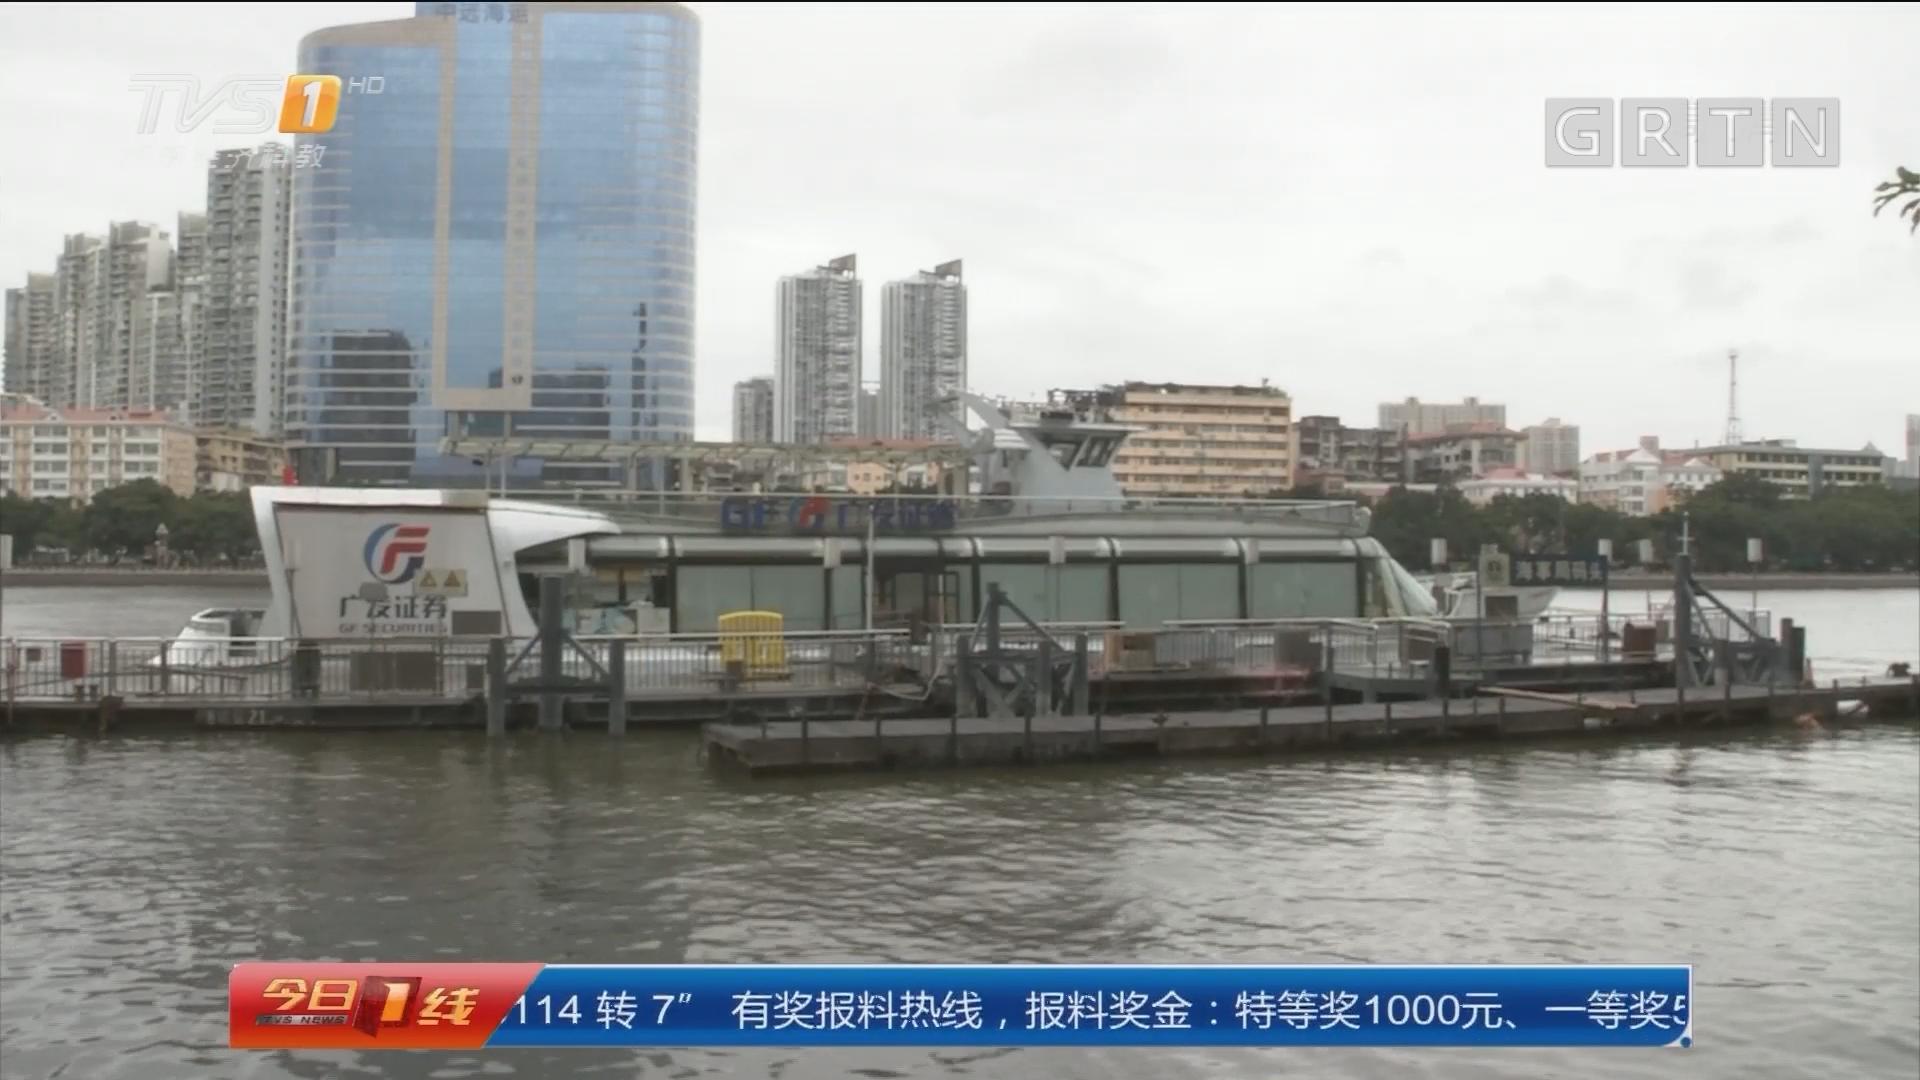 """防御台风""""卡努"""":广州 全市水巴停航 部分游客乘船扑空"""